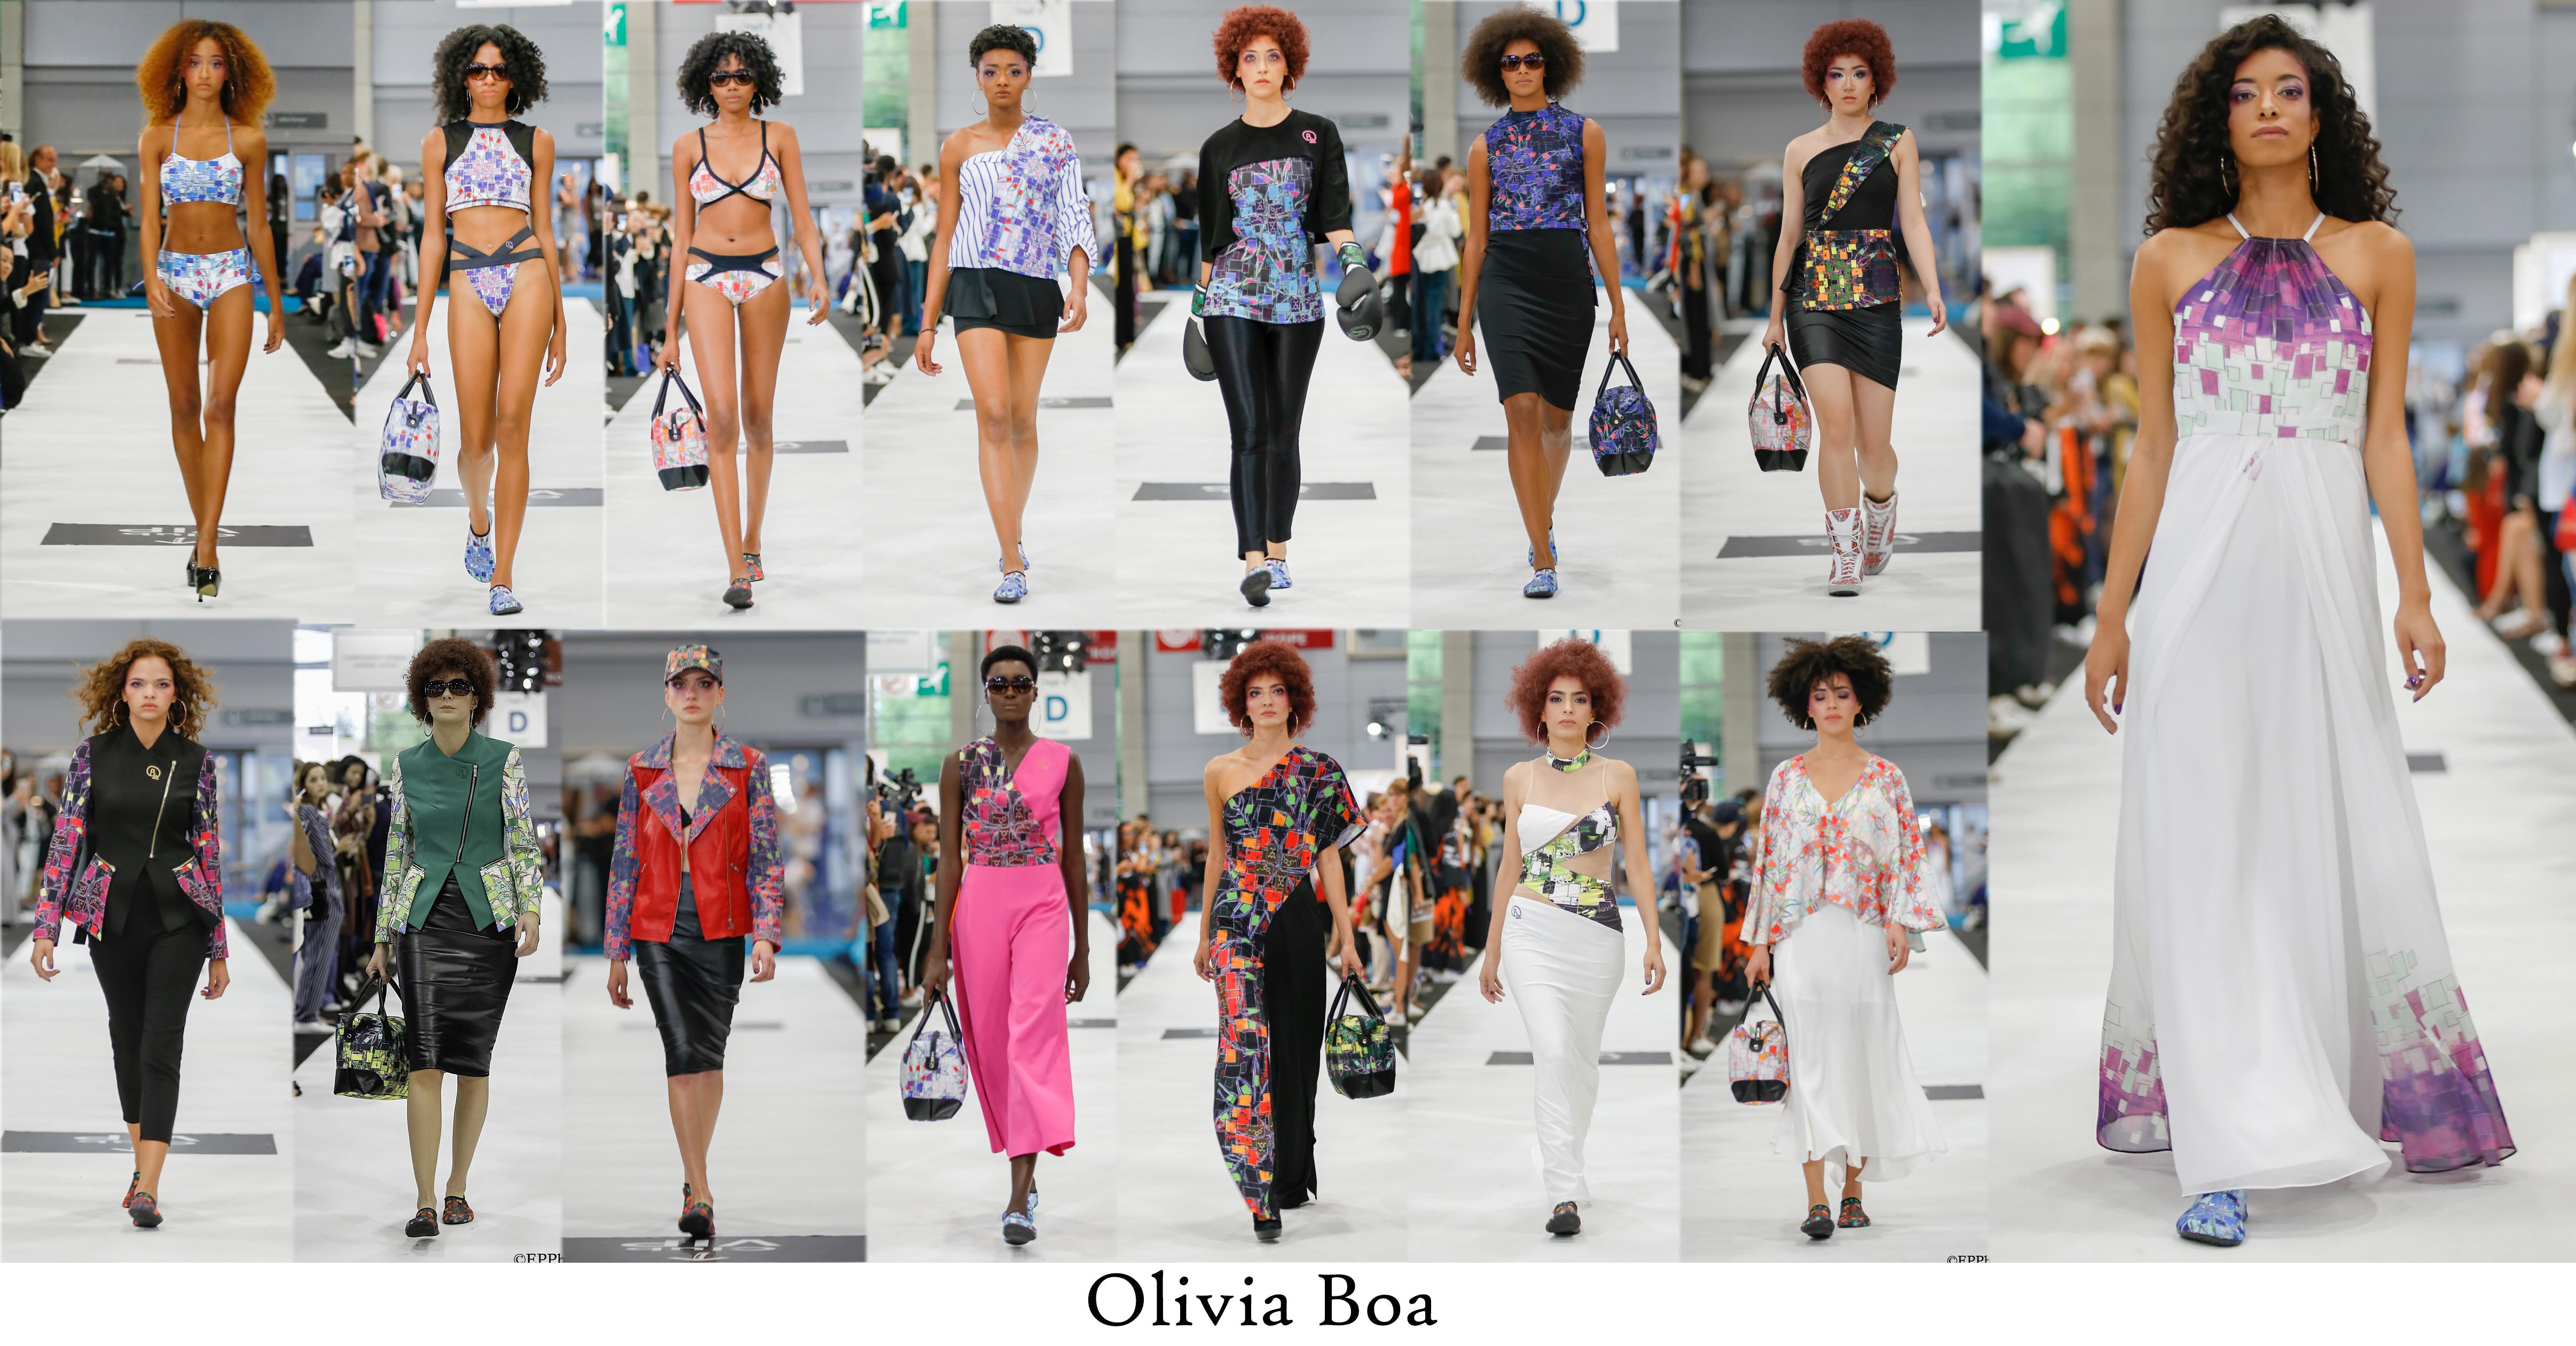 OliviaBoa Modeles